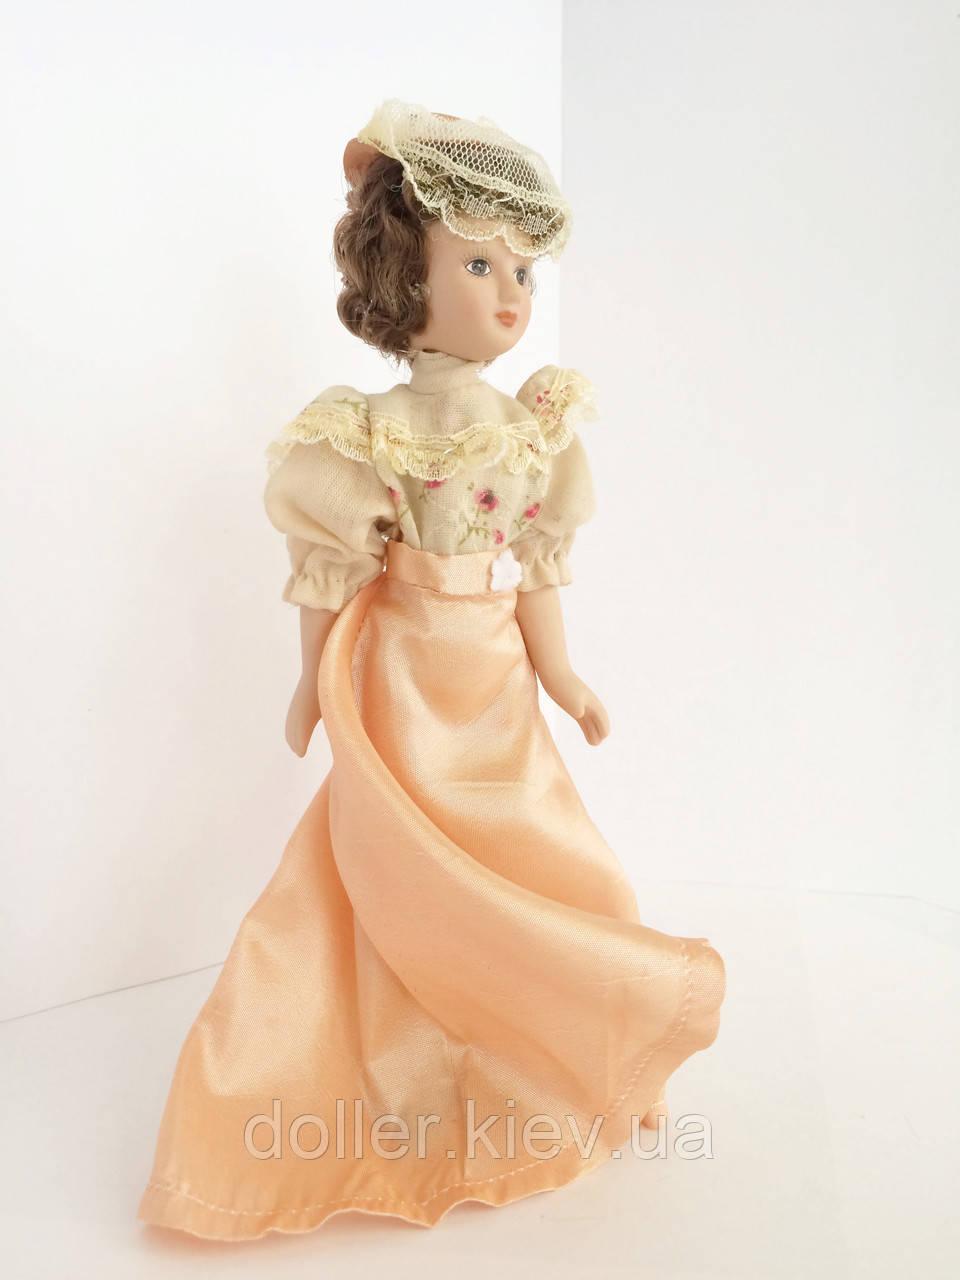 """Колекційна лялька """"Дами епохи"""" в персиковому вінтаж (18 див.)"""